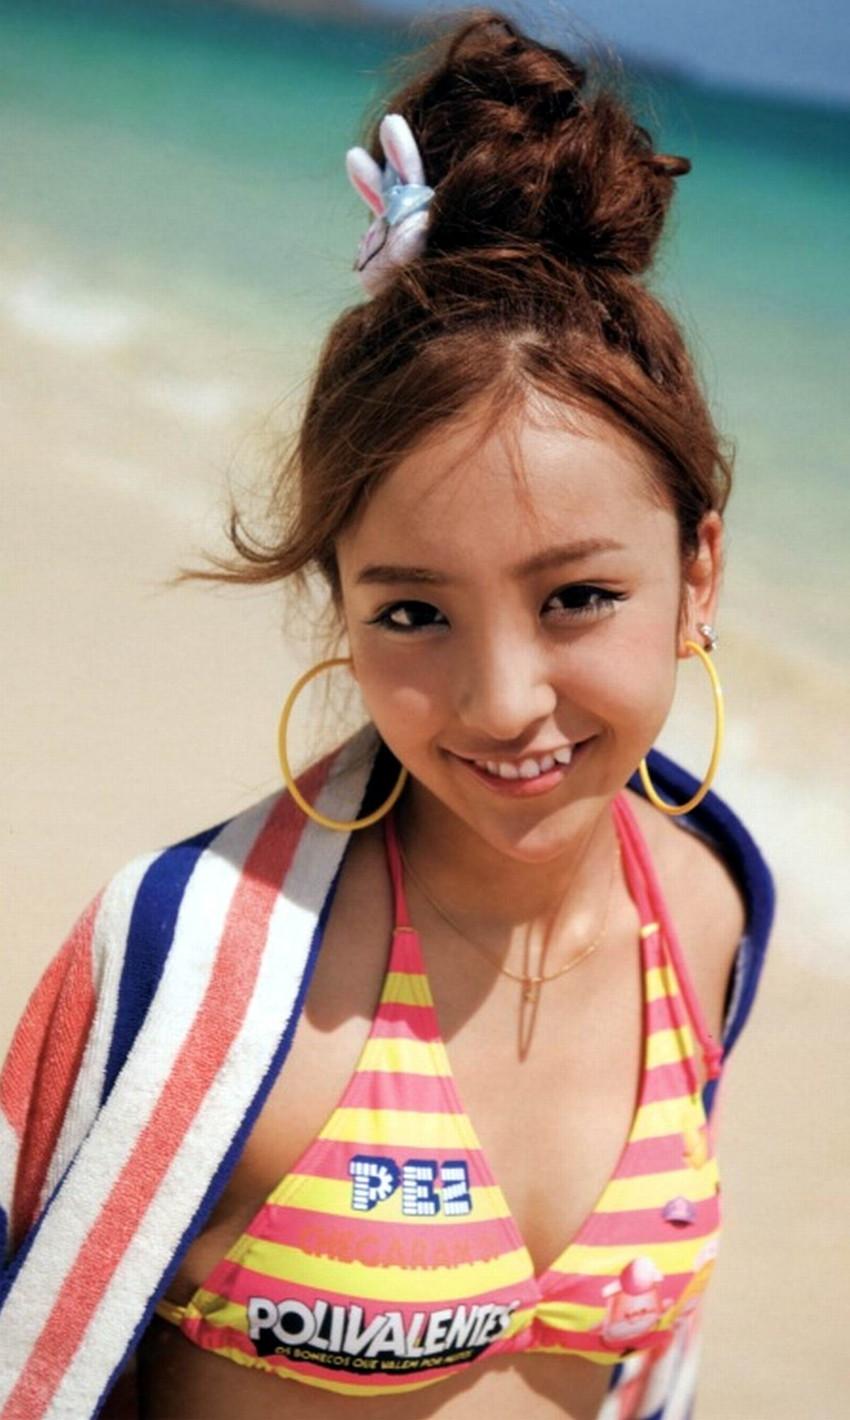 【グラビアエロ画像】AKB卒業生、ともちんこと板野友美の水着姿が可愛いw(50枚) 16